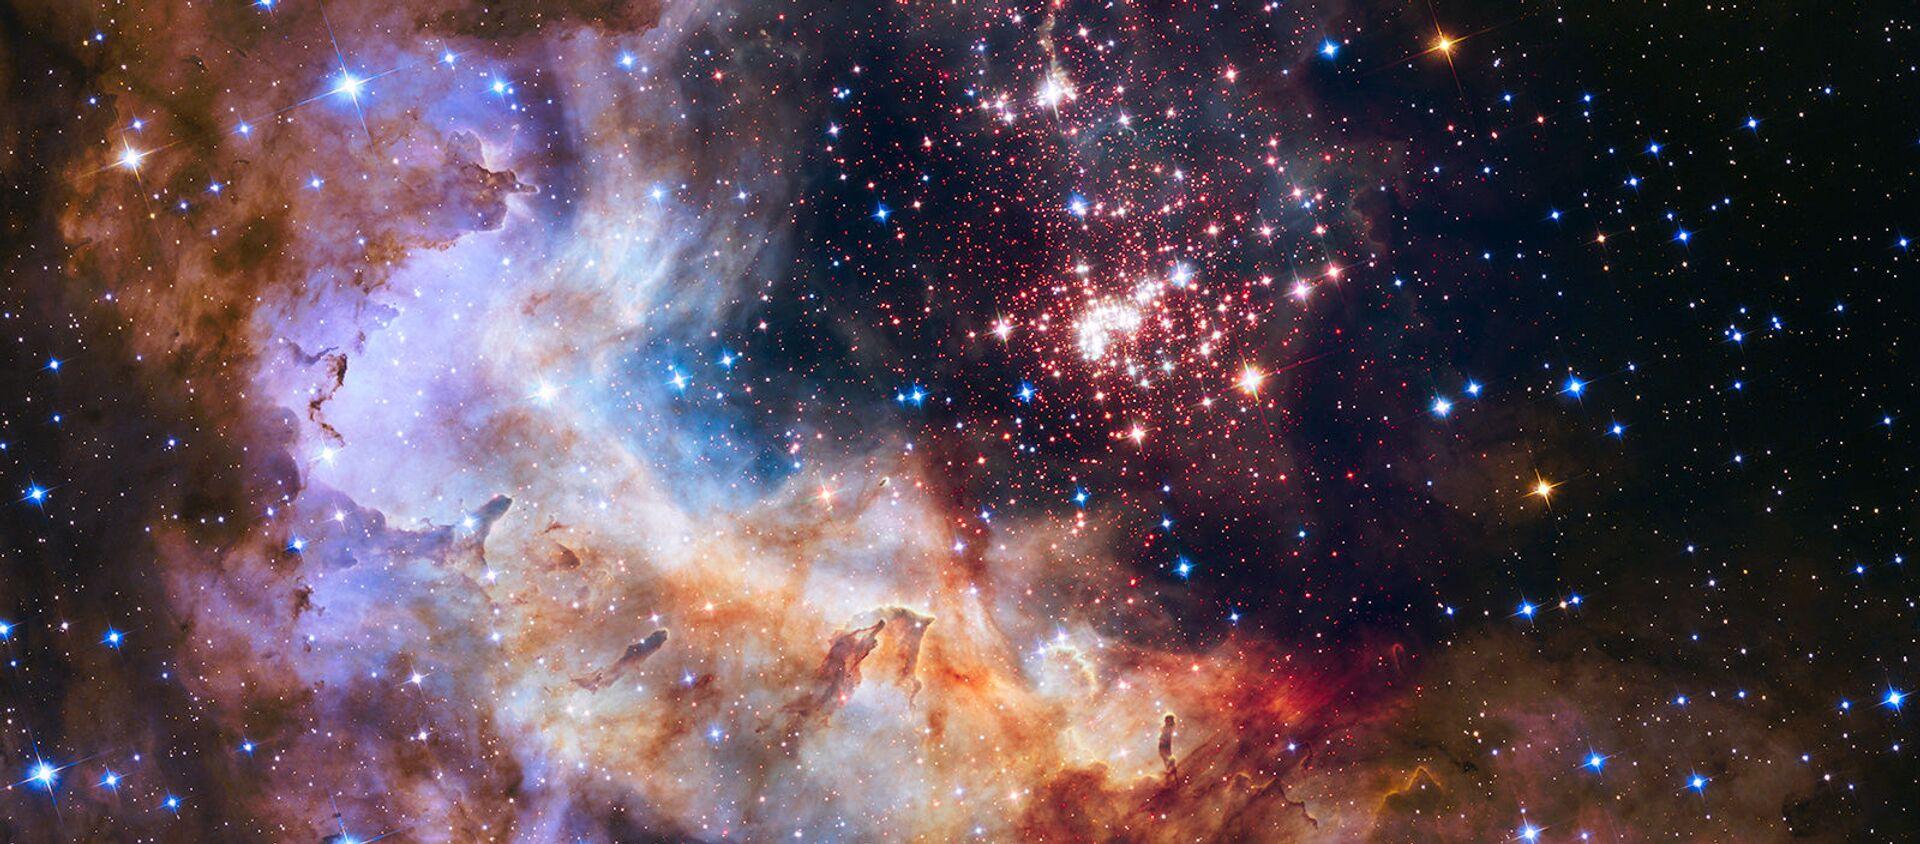 El espacio (foto hecha con el telescopio Hubble) - Sputnik Mundo, 1920, 25.05.2020